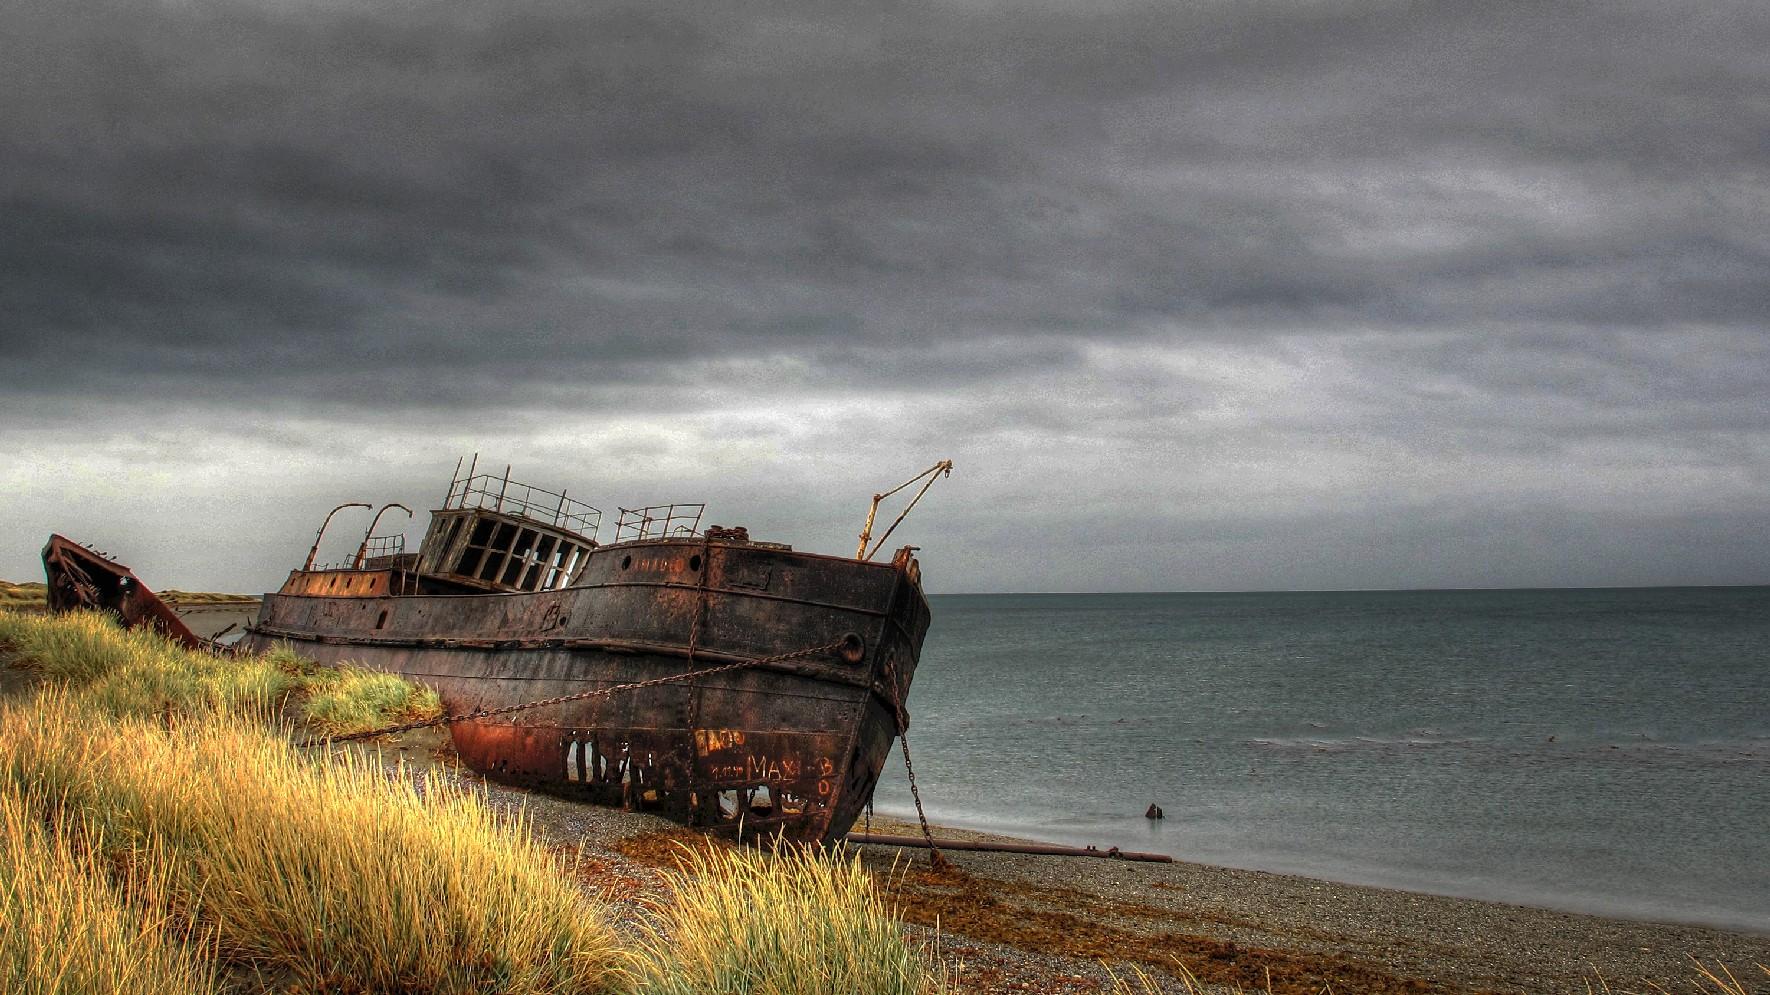 Amadeo, considerado o primeiro vapor do Chile, em San Gregorio, na Patagônia (foto: Daniel Diaz Nauto / Flickr, Creative Commons)